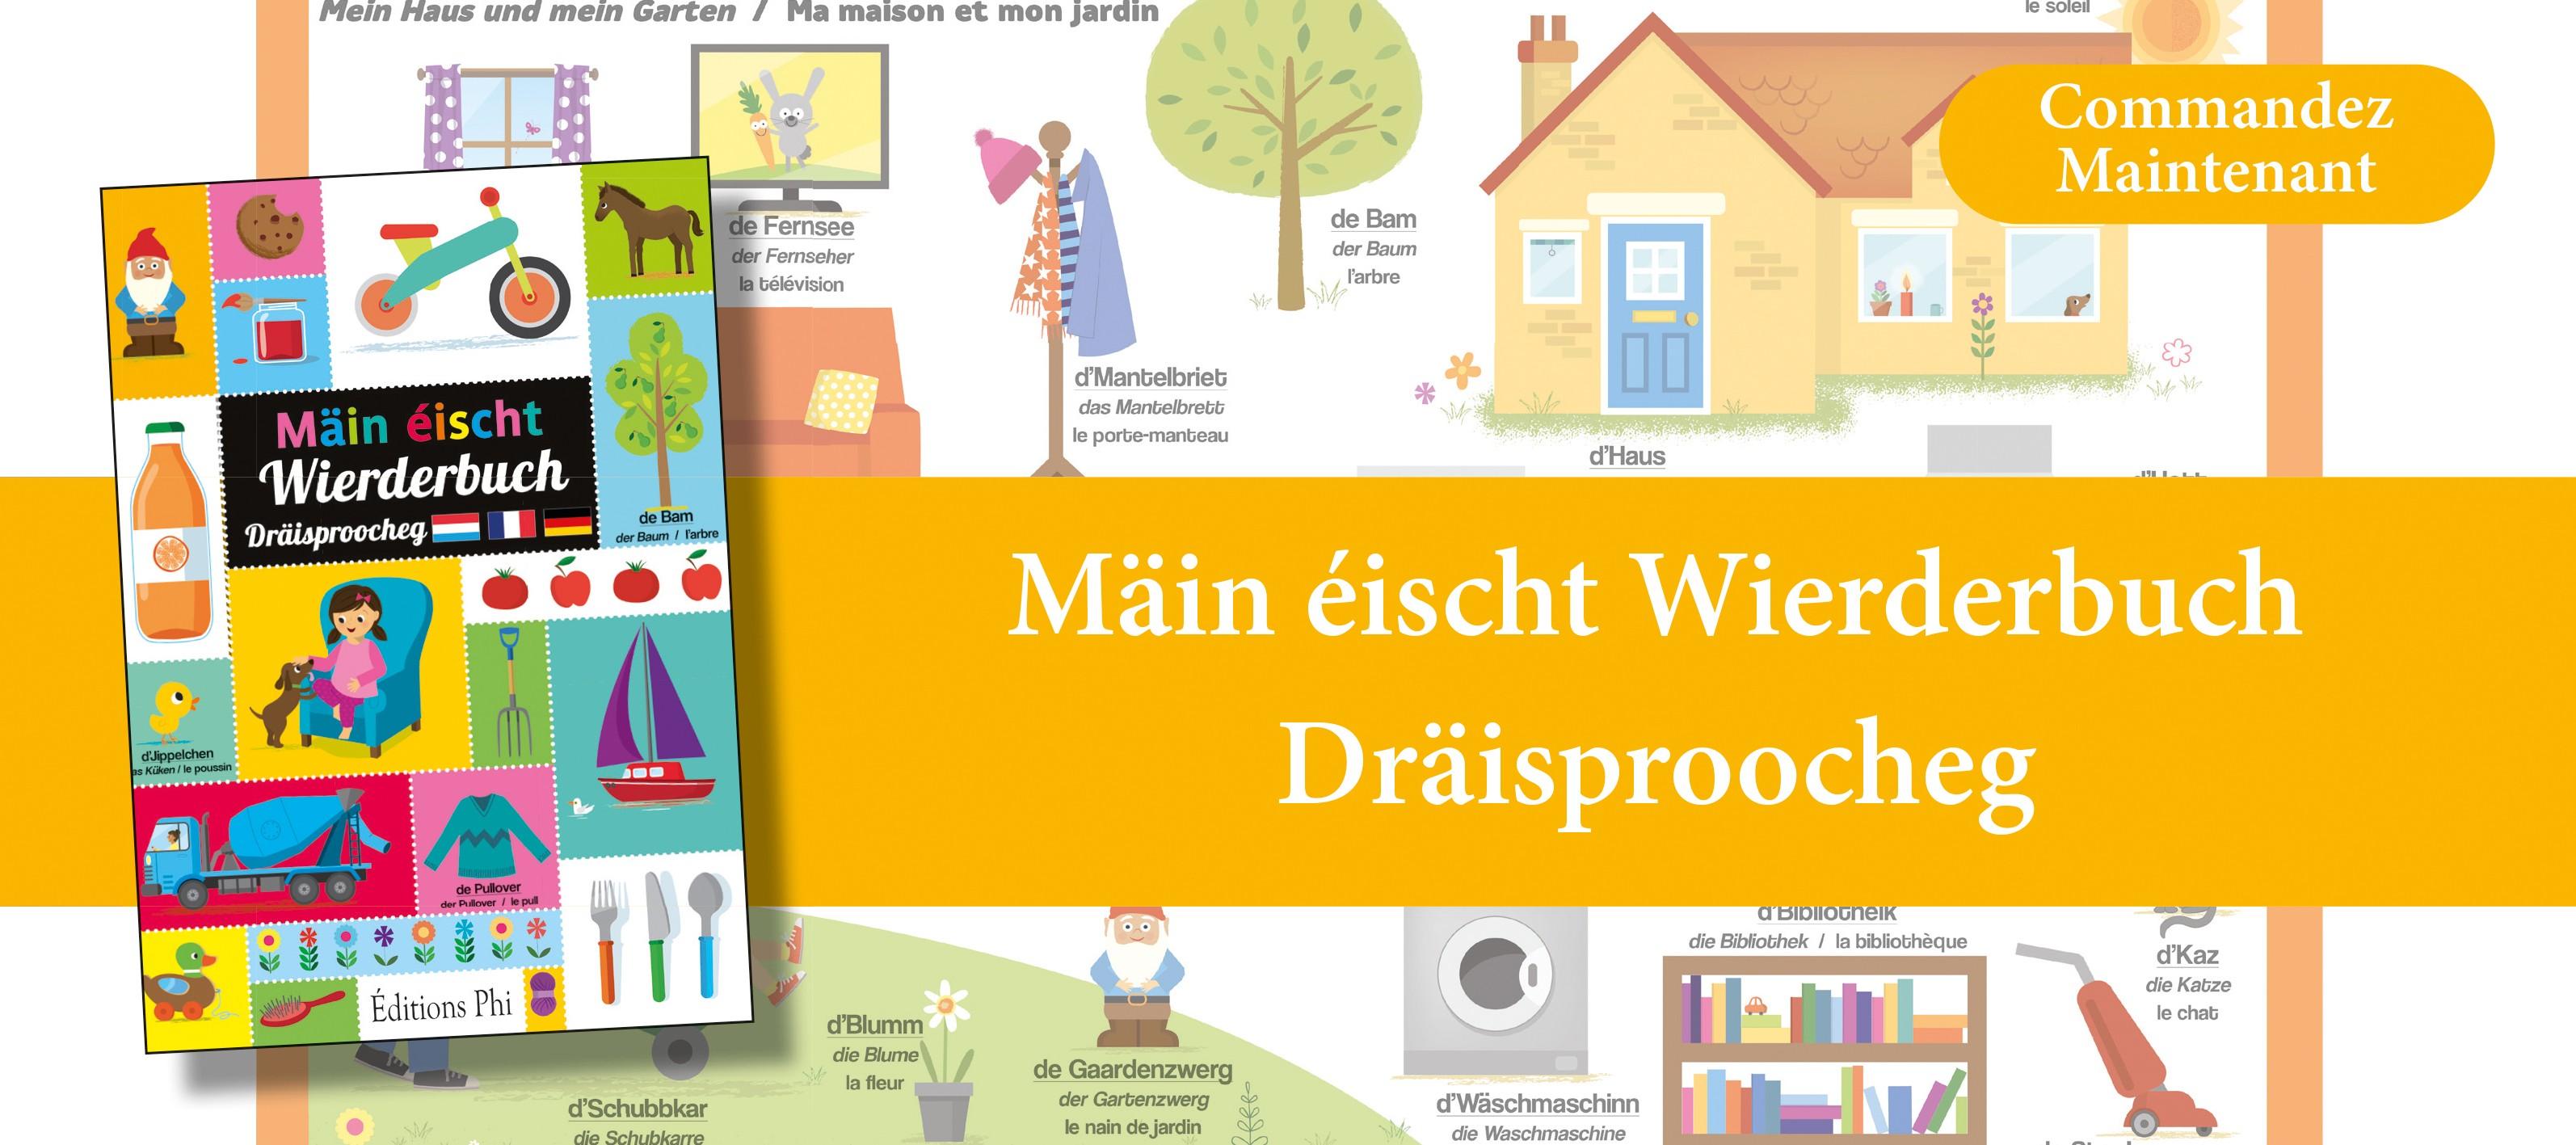 http://www.editionsphi.lu/fr/jeunesse/479-main-eischt-wierderbuch.html